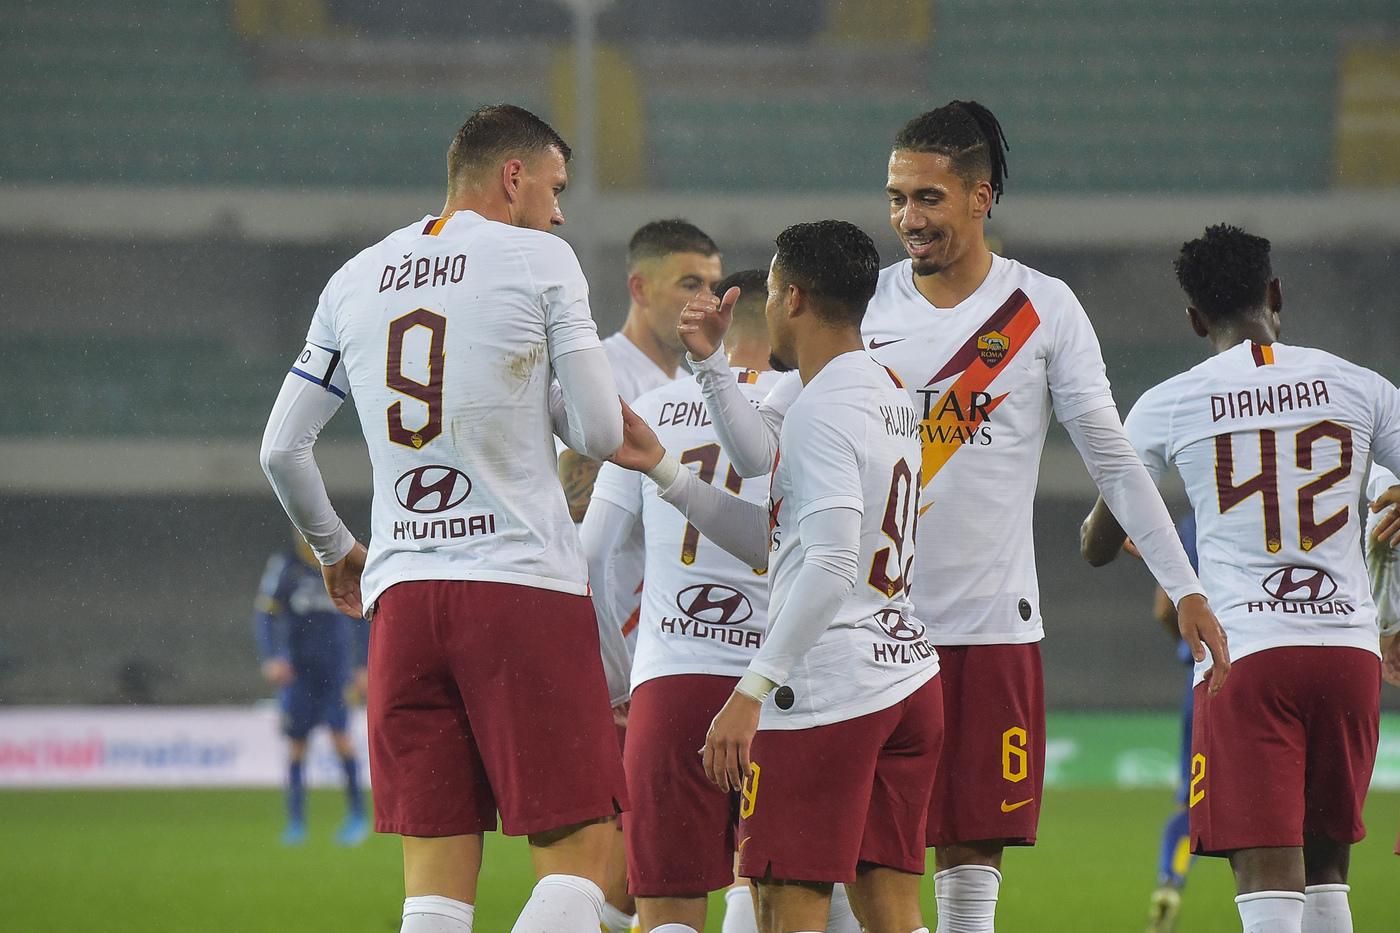 Foto Fabio Rossi/AS Roma/LaPresse 01/12/2019 Verona (Italia)